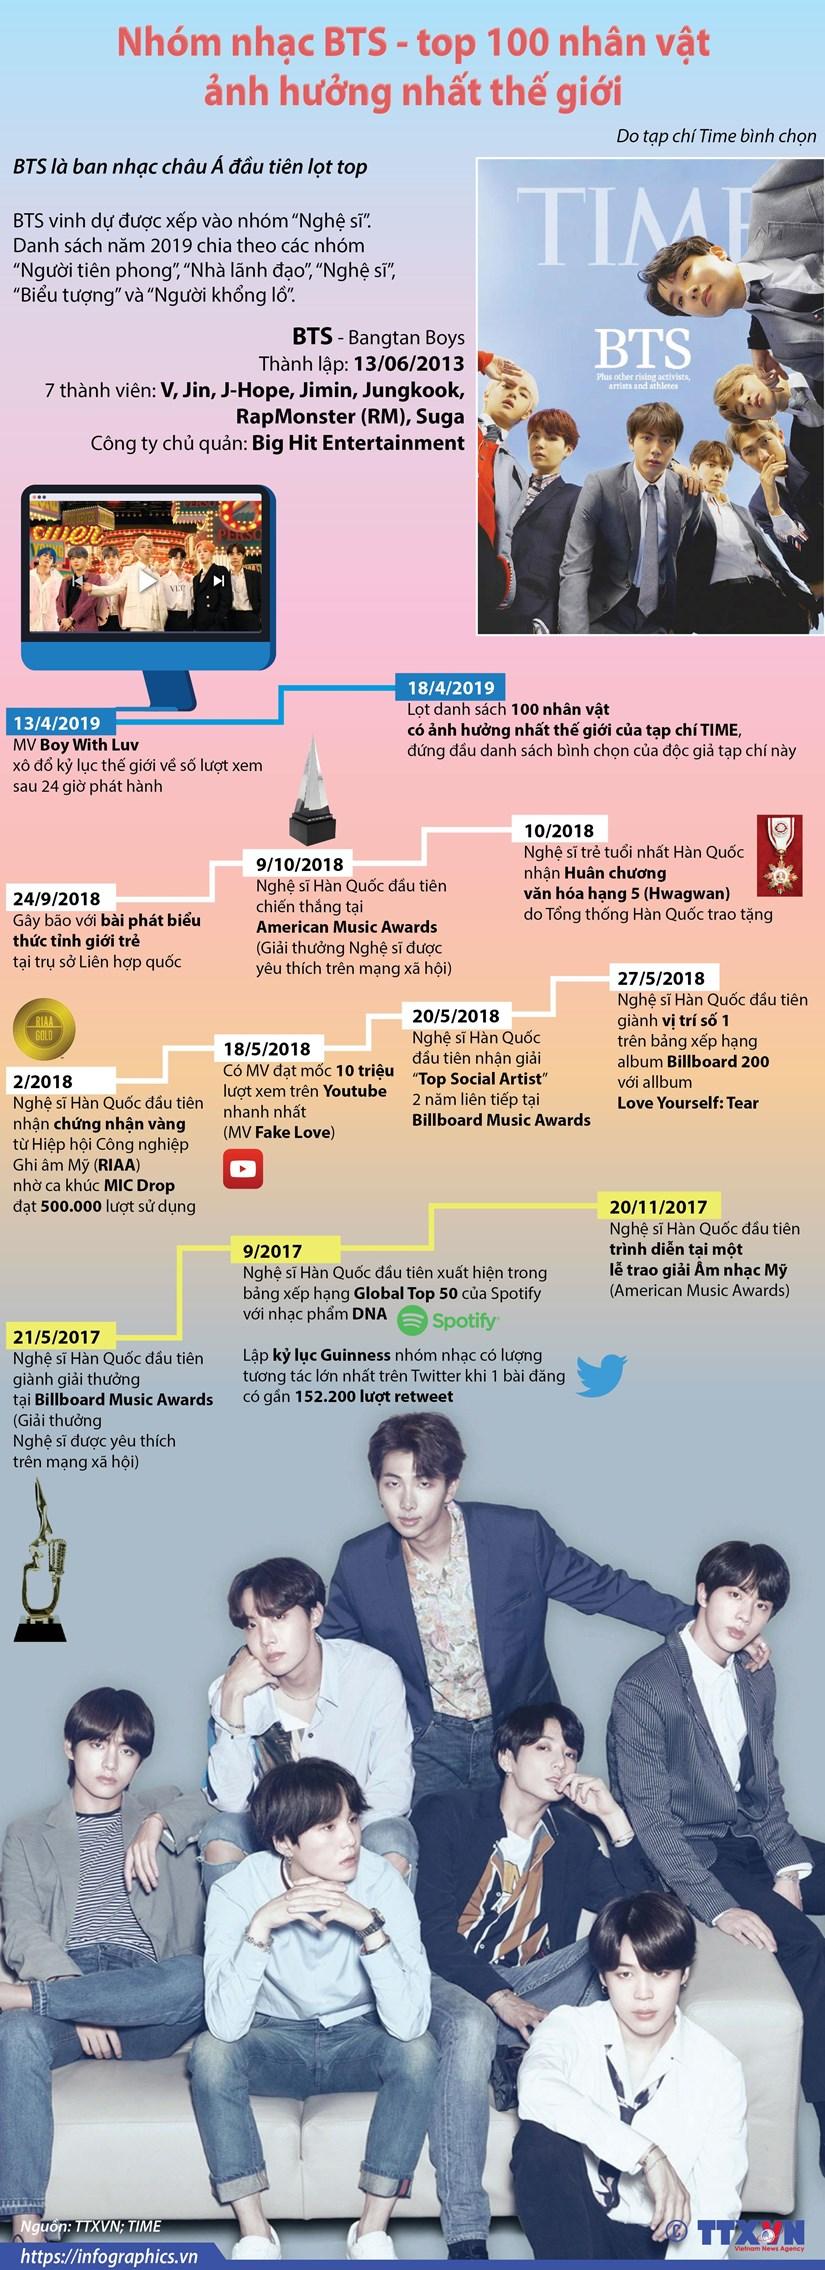 Nhóm nhạc BTS lần đầu lọt vào top 100 nhân vật ảnh hưởng nhất thế giới